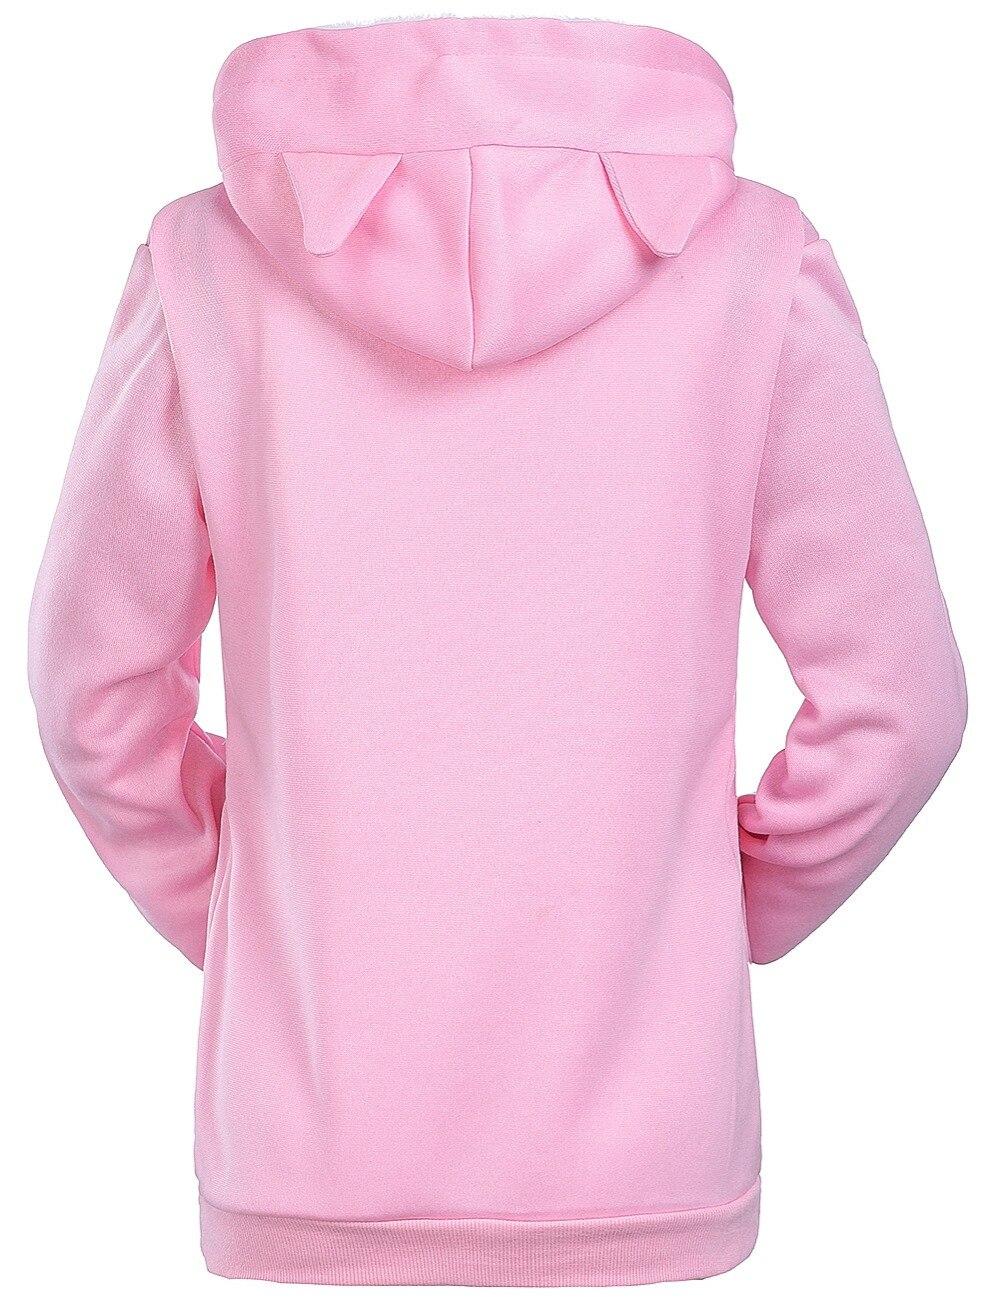 17 New Cartoon Hooded Hoodies Lover Cats Kangaroo Dog Hoodie Long Sleeve Sweatshirt Front Pocket Casual Animal Ear Hoodie 4